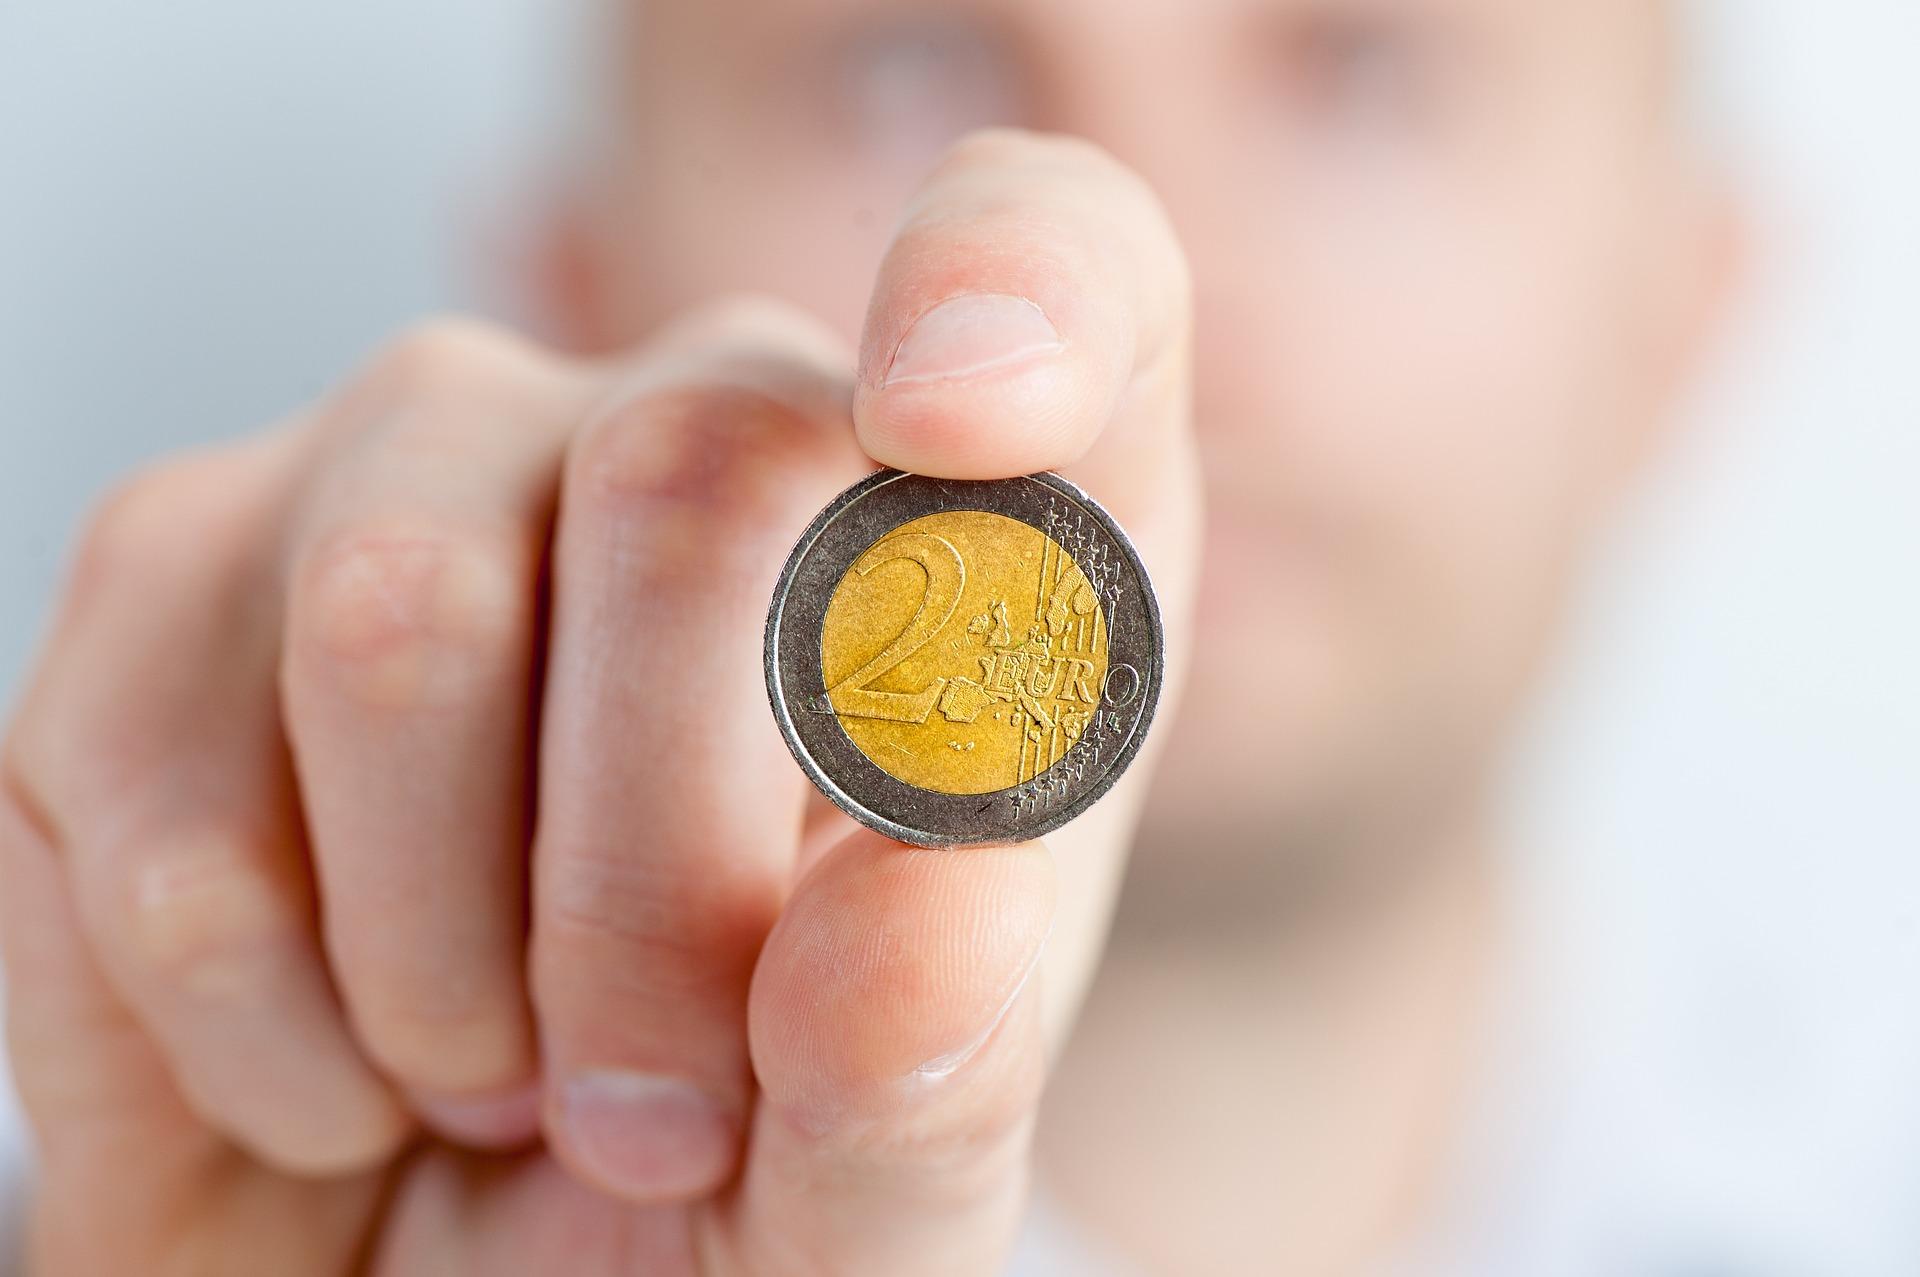 coin-1080535_1920